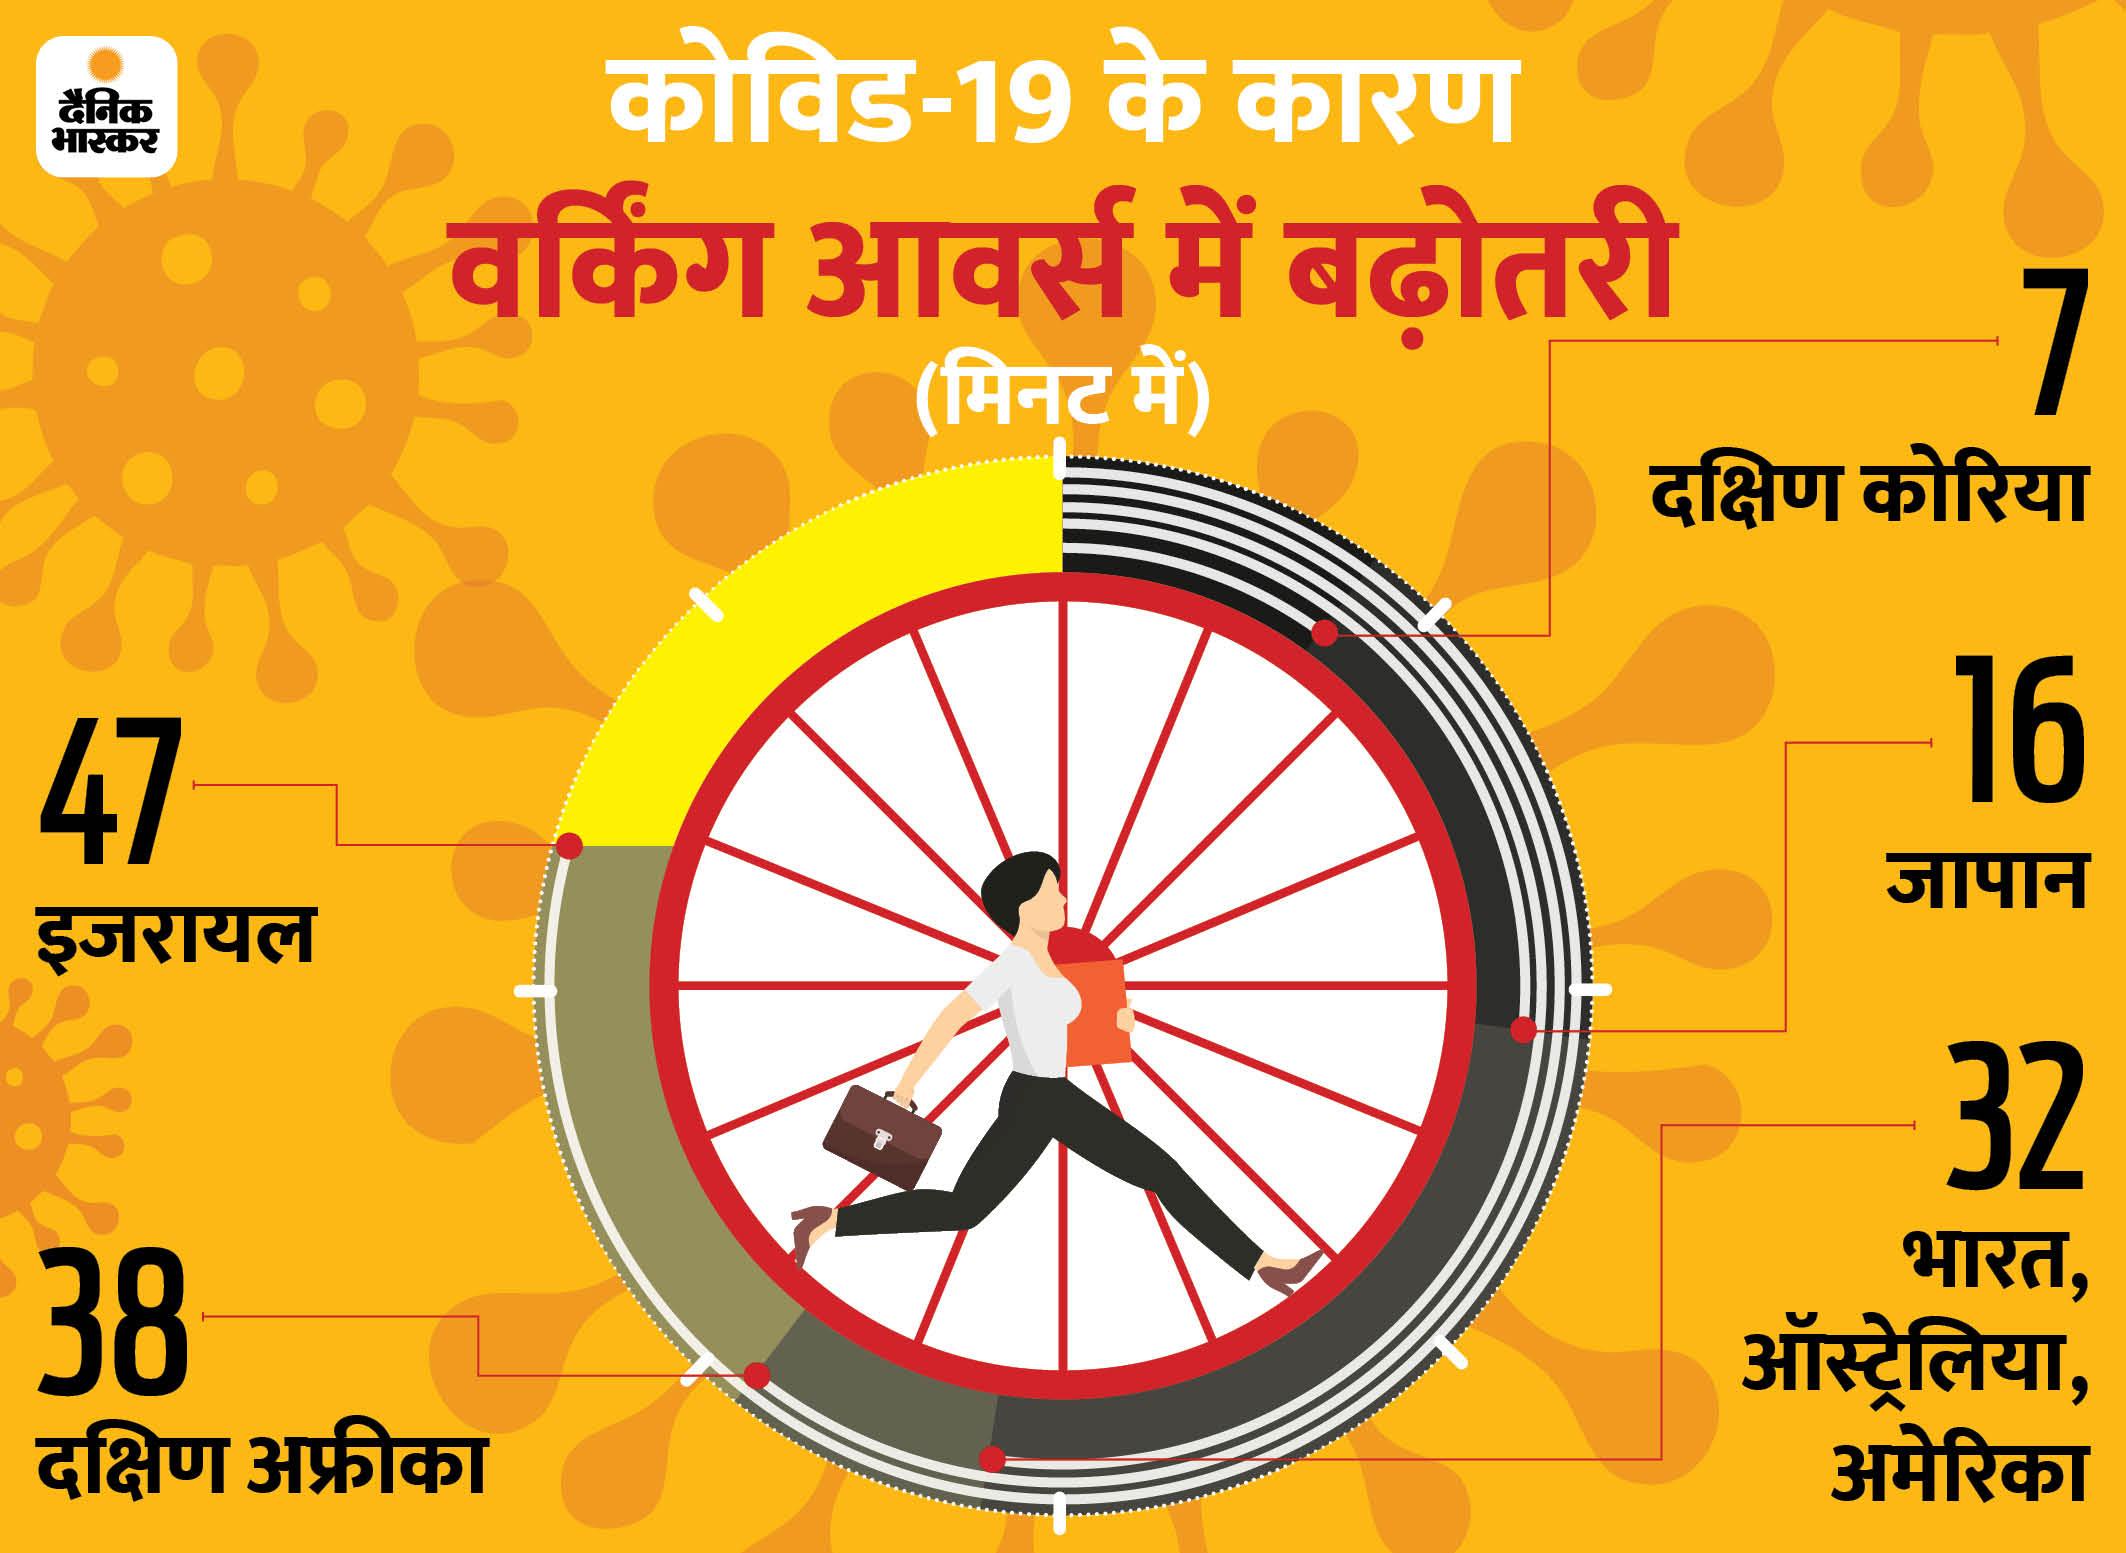 वर्क फ्रॉम होम के कारण भारतीयों के वर्किंग आवर्स में 32 मिनट की बढ़ोतरी, सुबह-शाम होता है ज्यादा काम बिजनेस,Business - Dainik Bhaskar